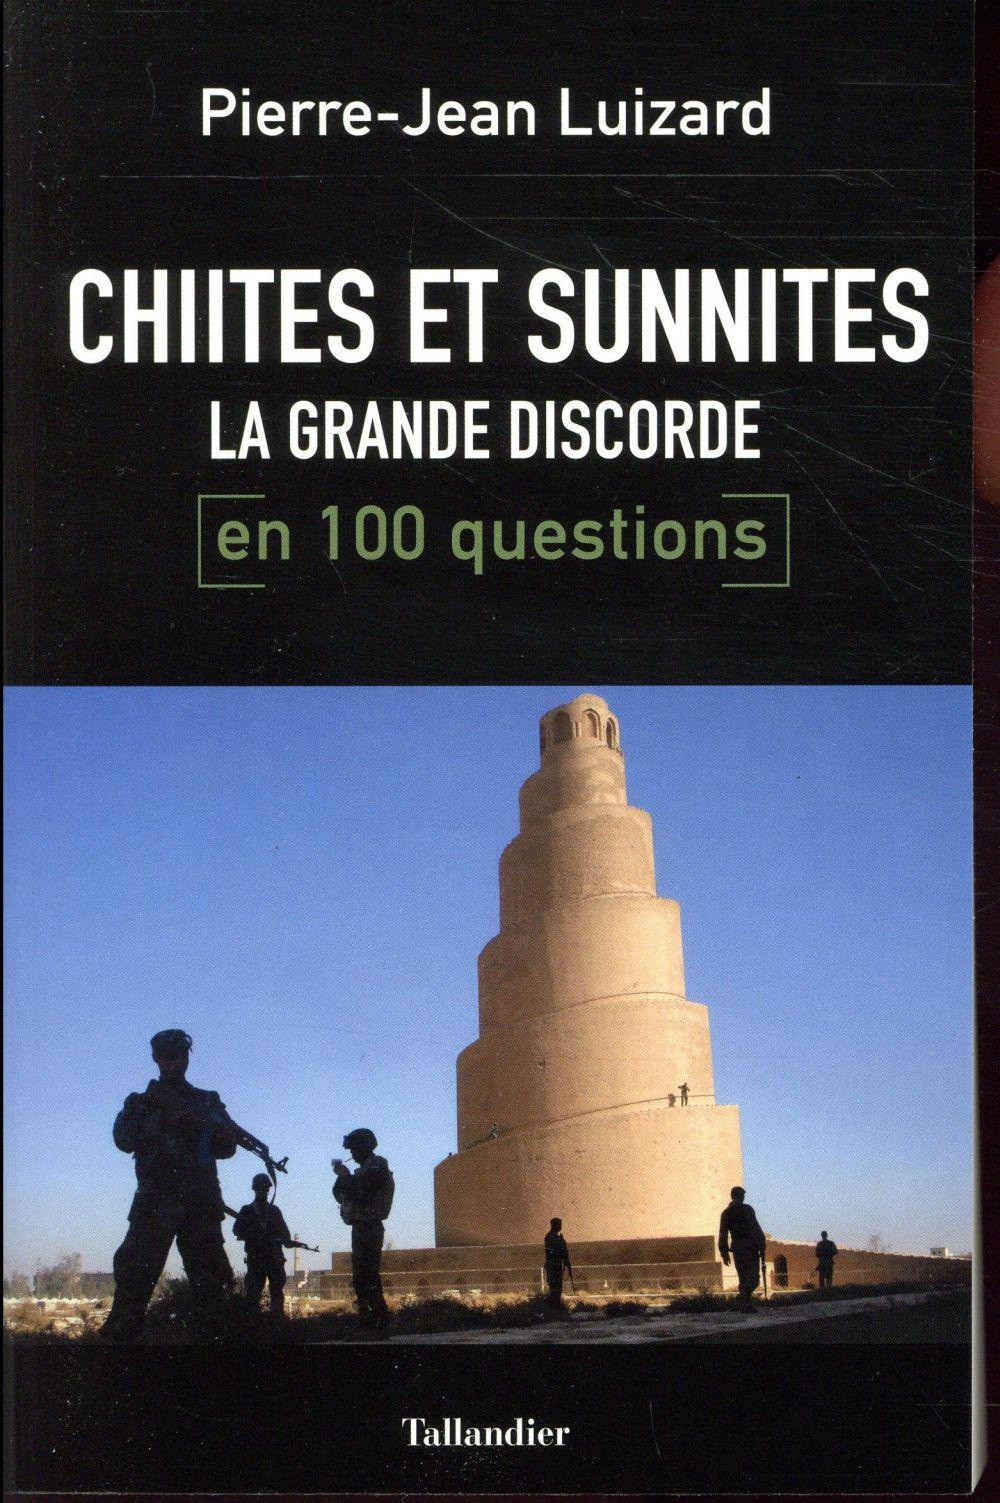 Chiites-Sunnites ; la grande discorde en 100 questions